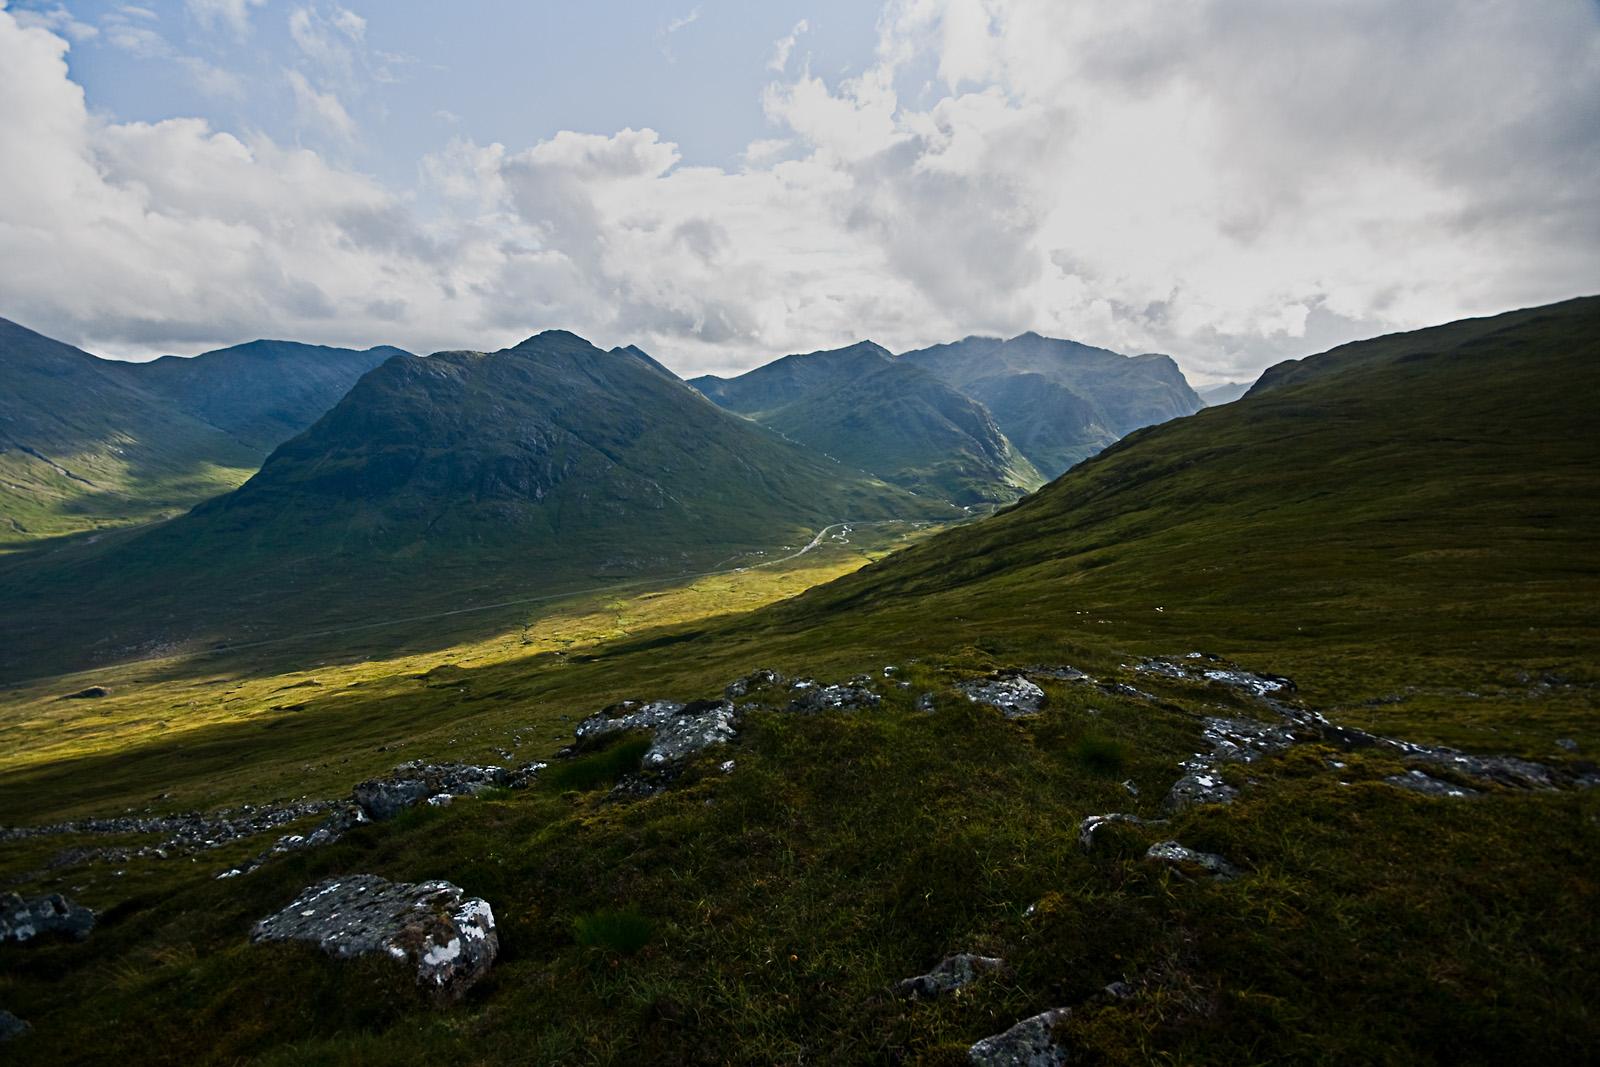 Schottland IIL - Glen Coe